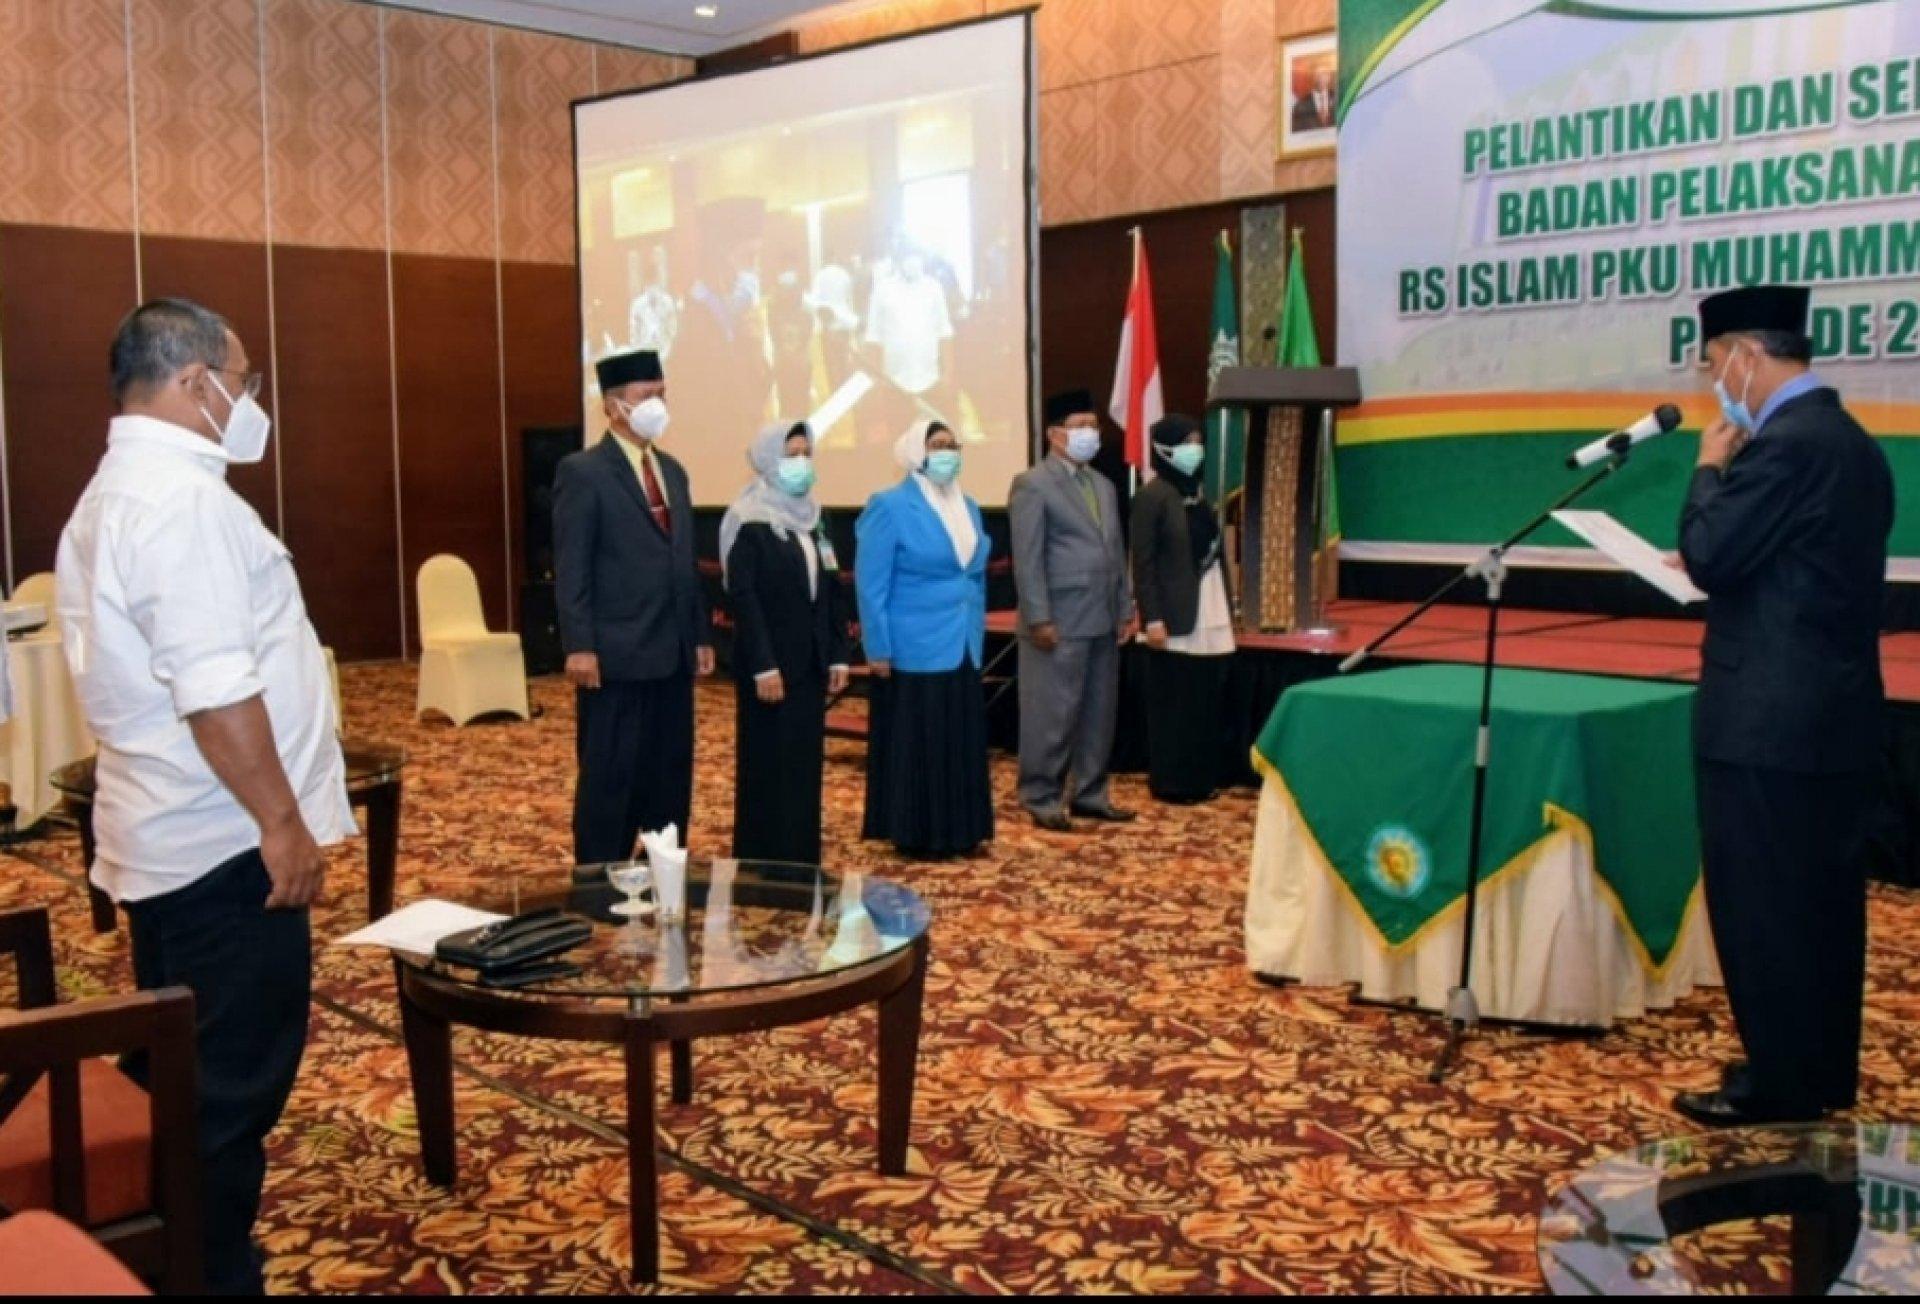 Wakil Gubernur Kalteng Hadiri Pelantikan Badan Pelaksana Harian dan Direksi RS PKU Muhammadiyah Palangka Raya